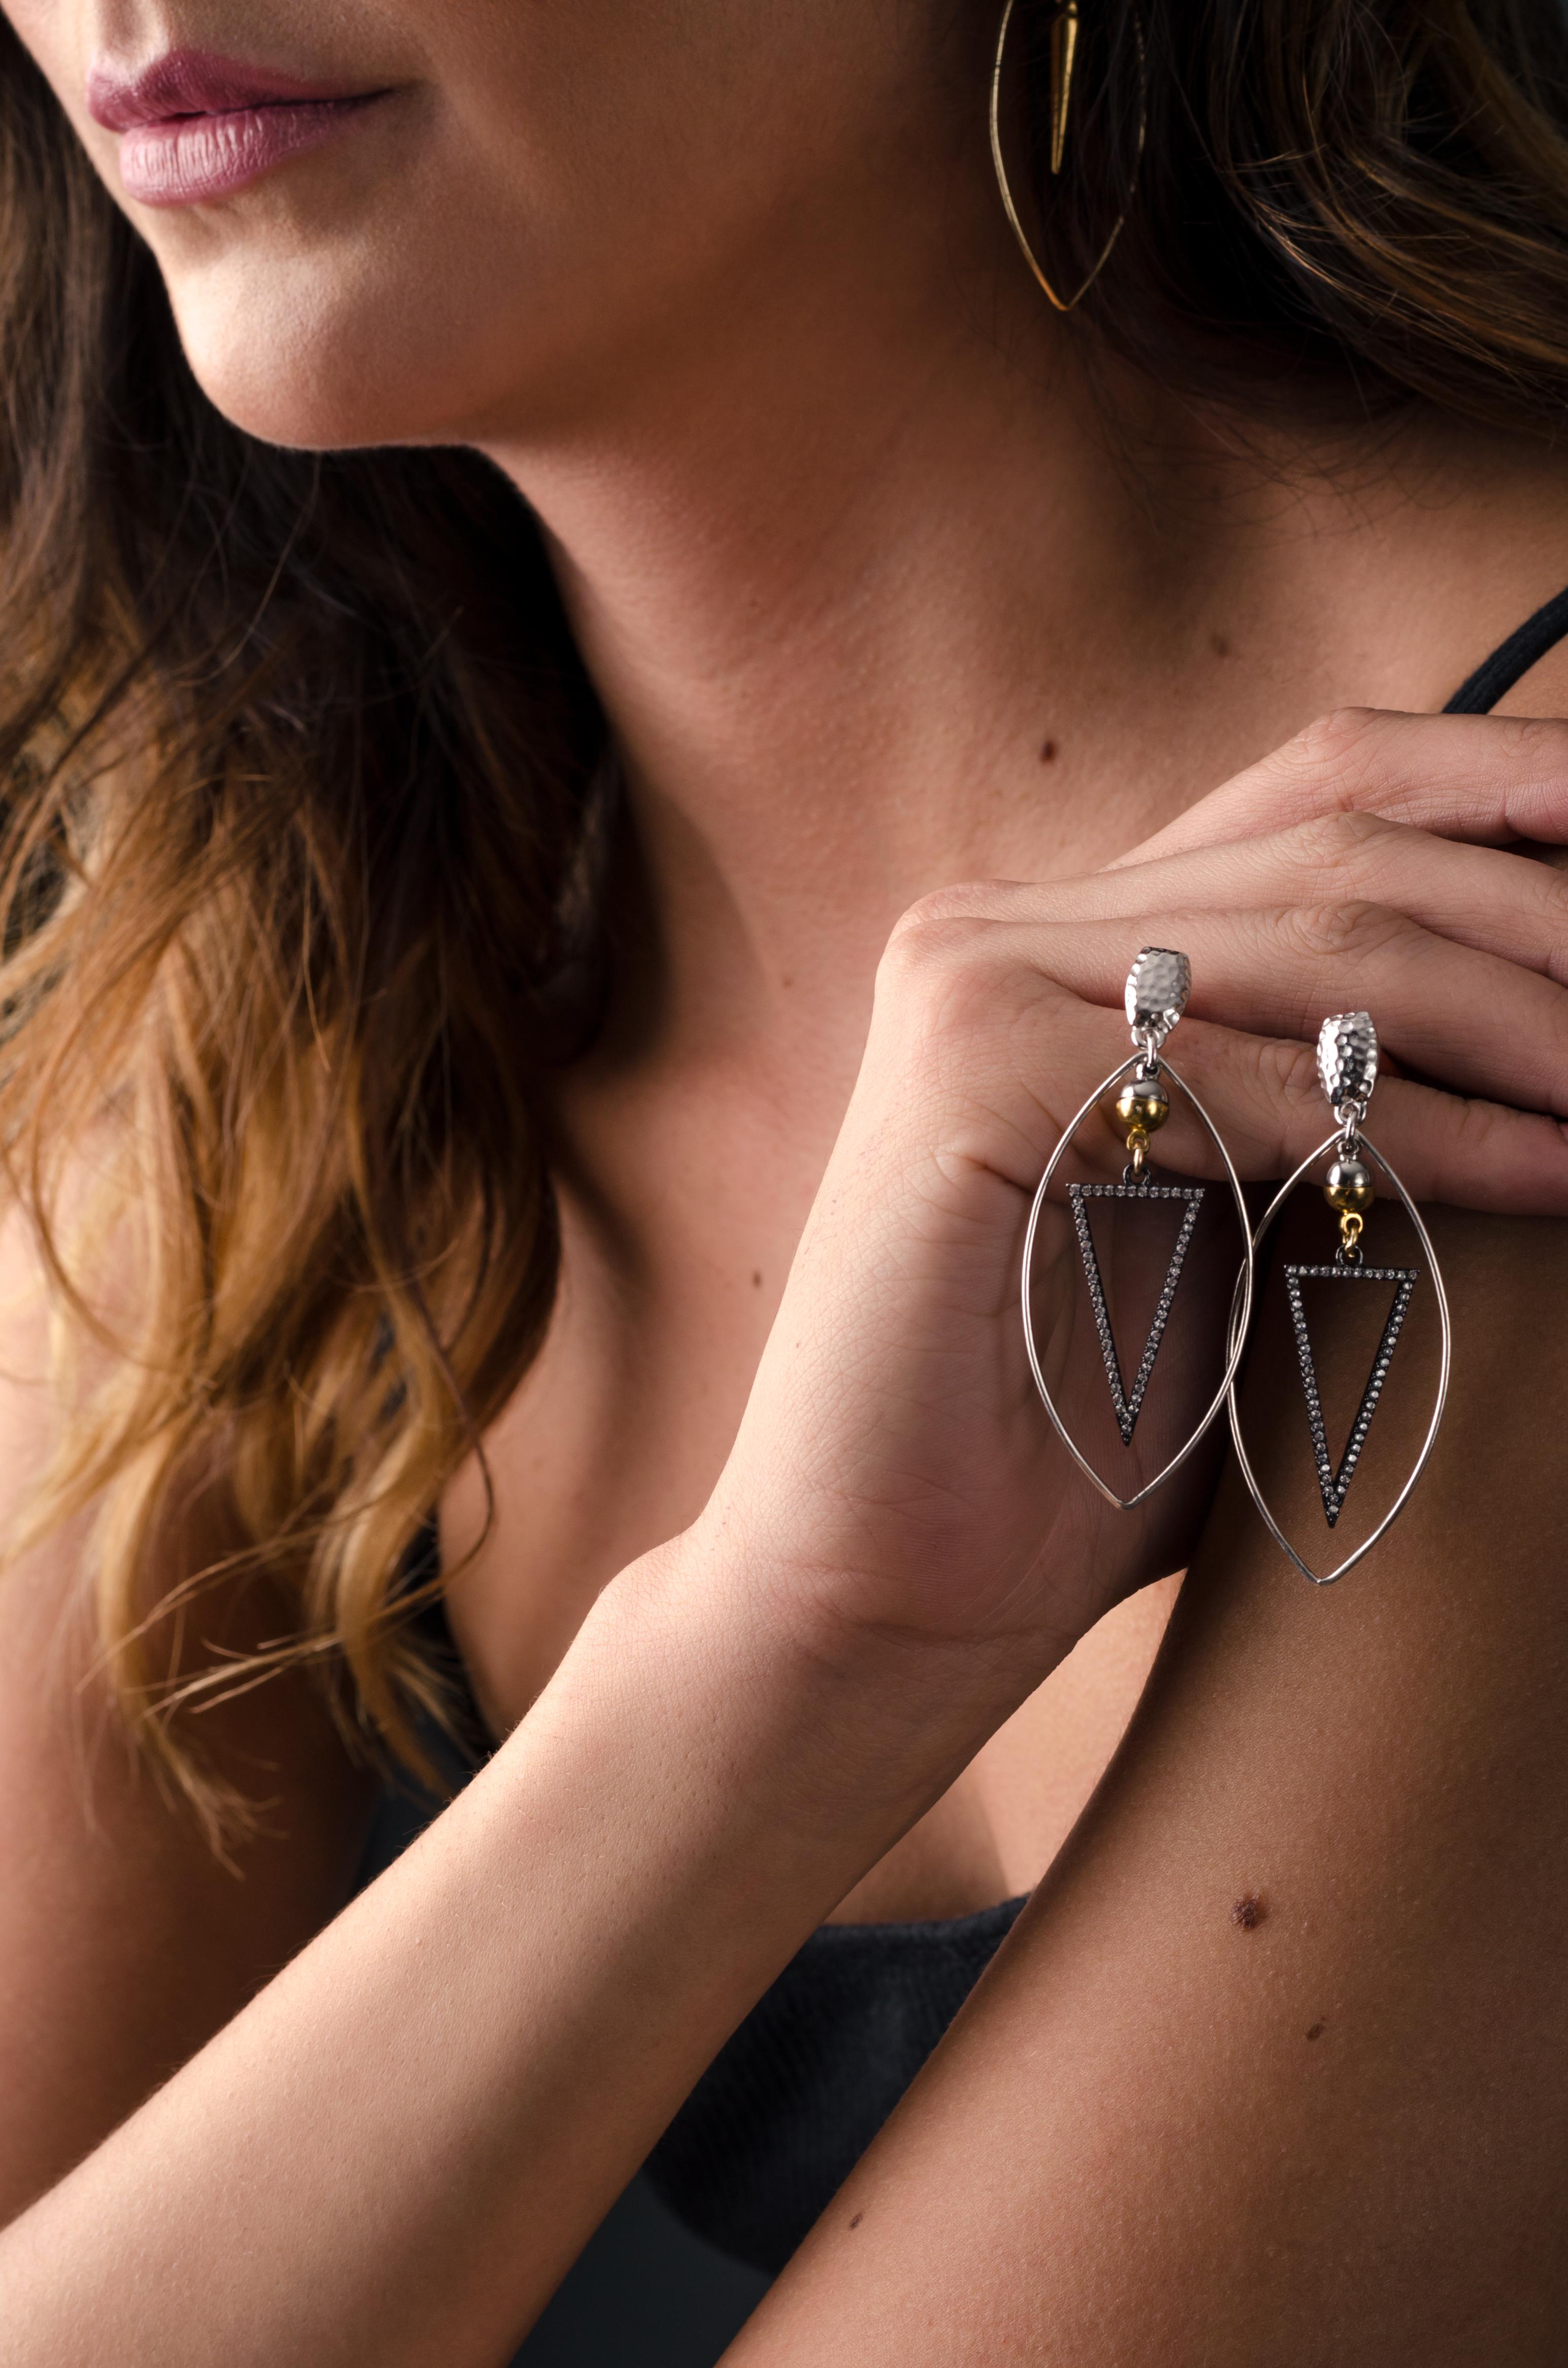 Tagliente earrings